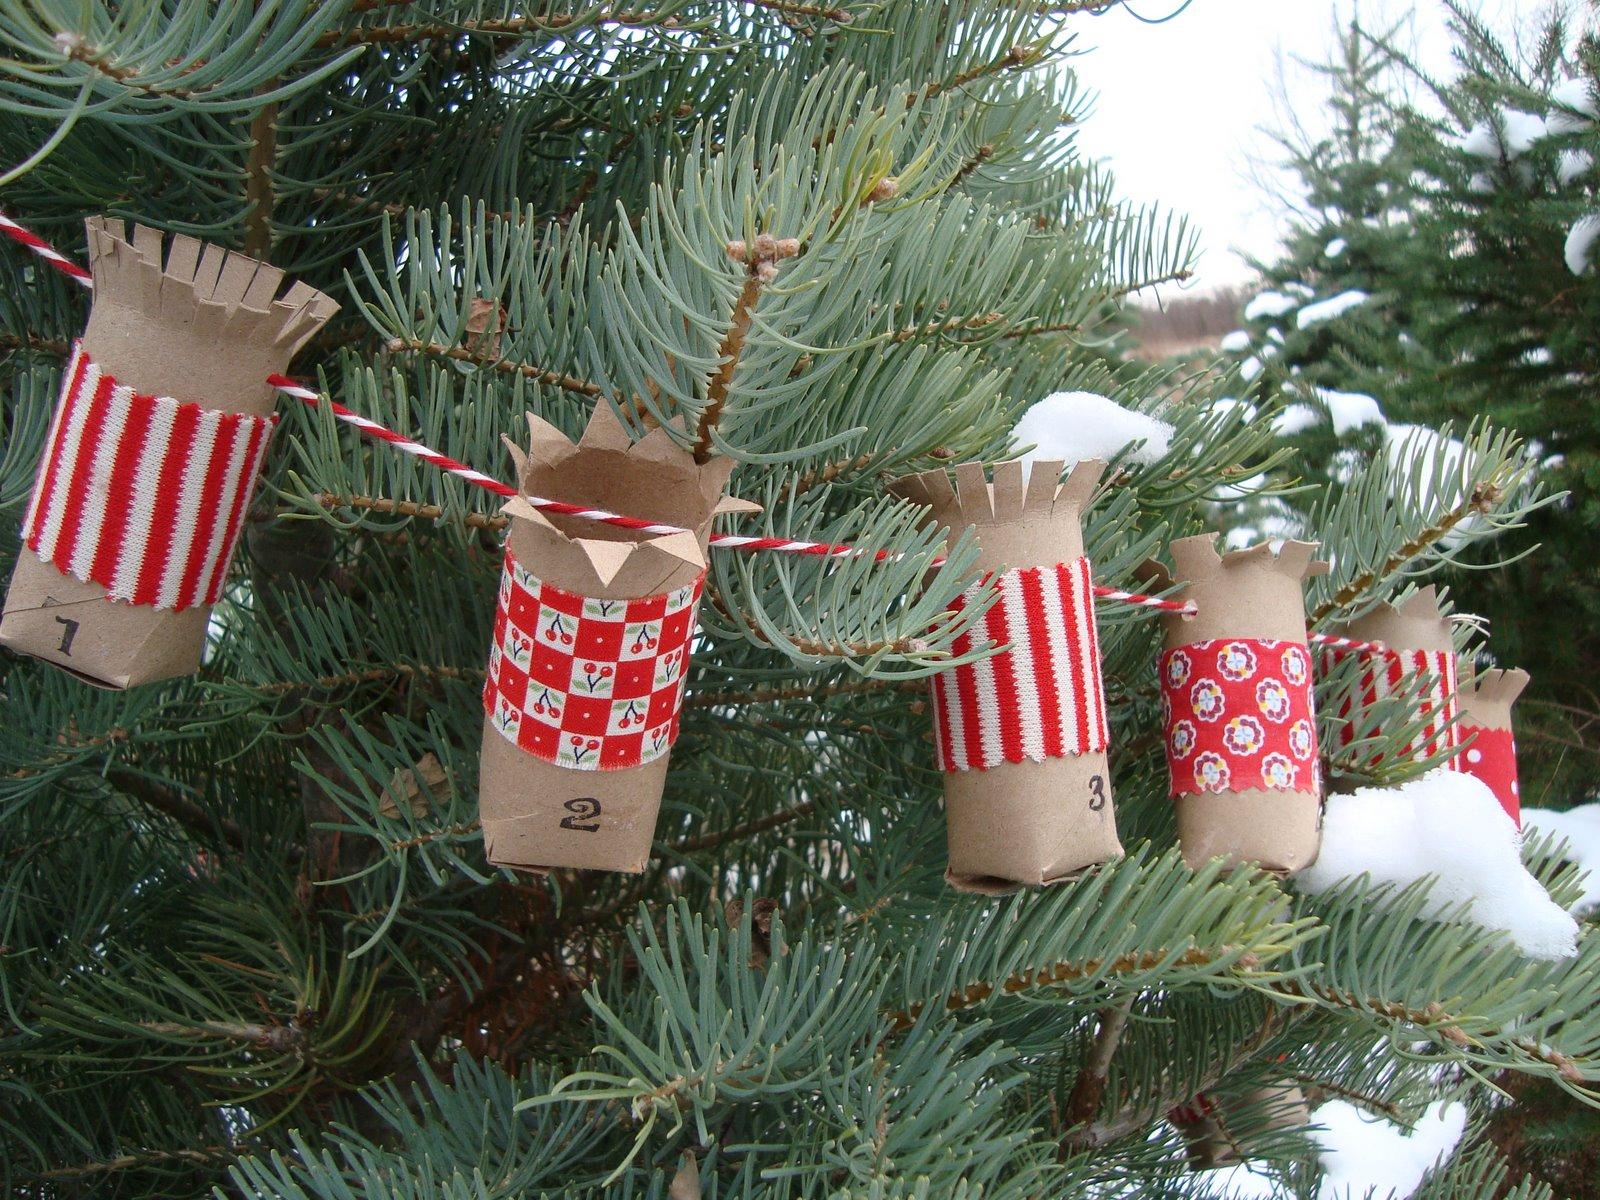 objetos-navidenos-hechos-con-rollos-de-papel-higienico-14